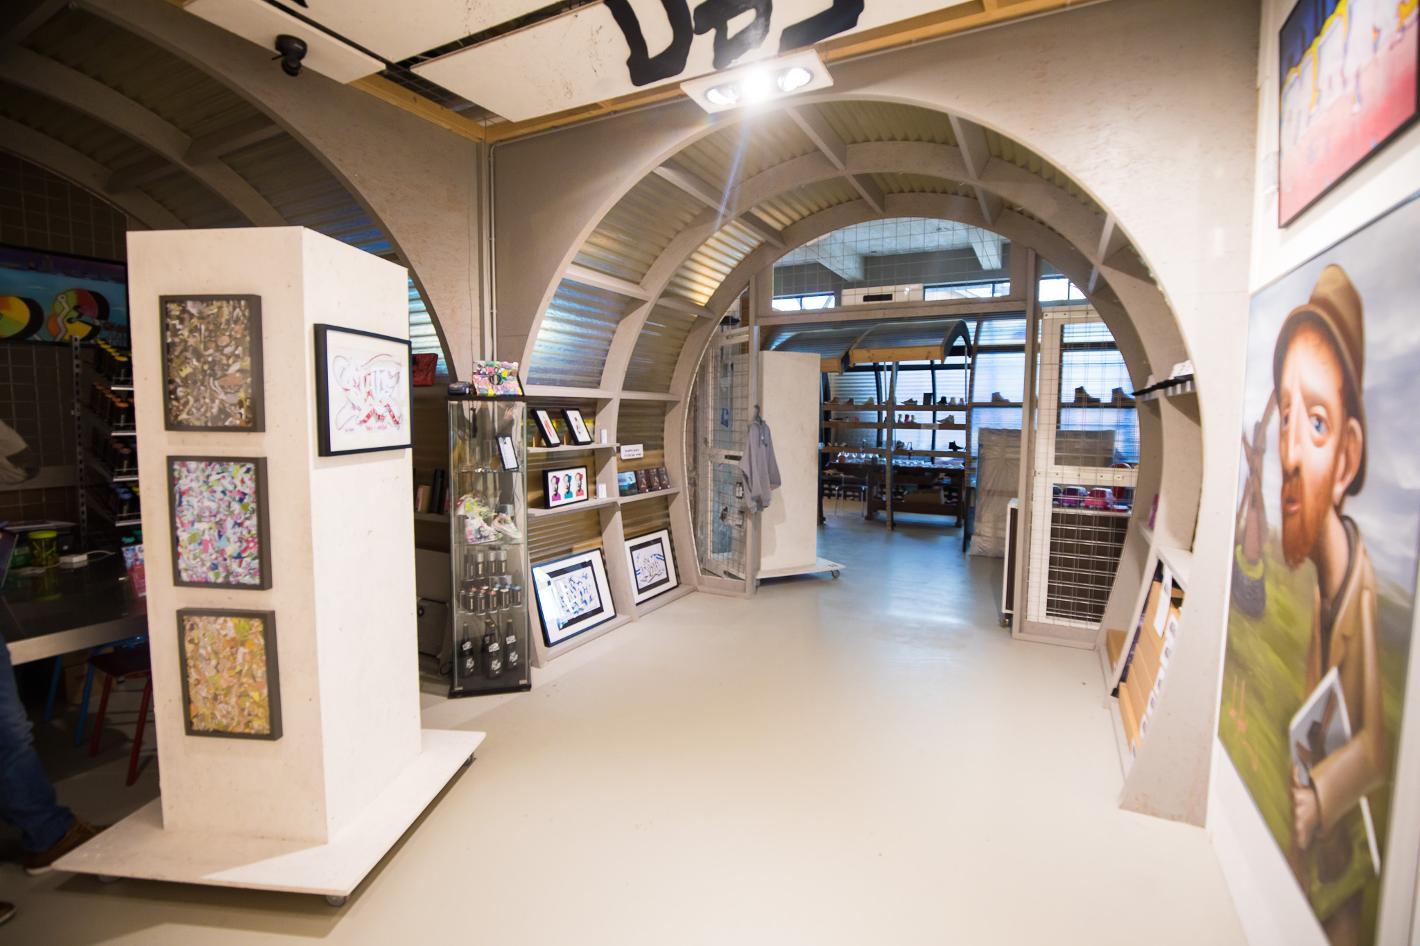 Wonen activiteit eindhoven can gallery for Woonaccessoires winkel